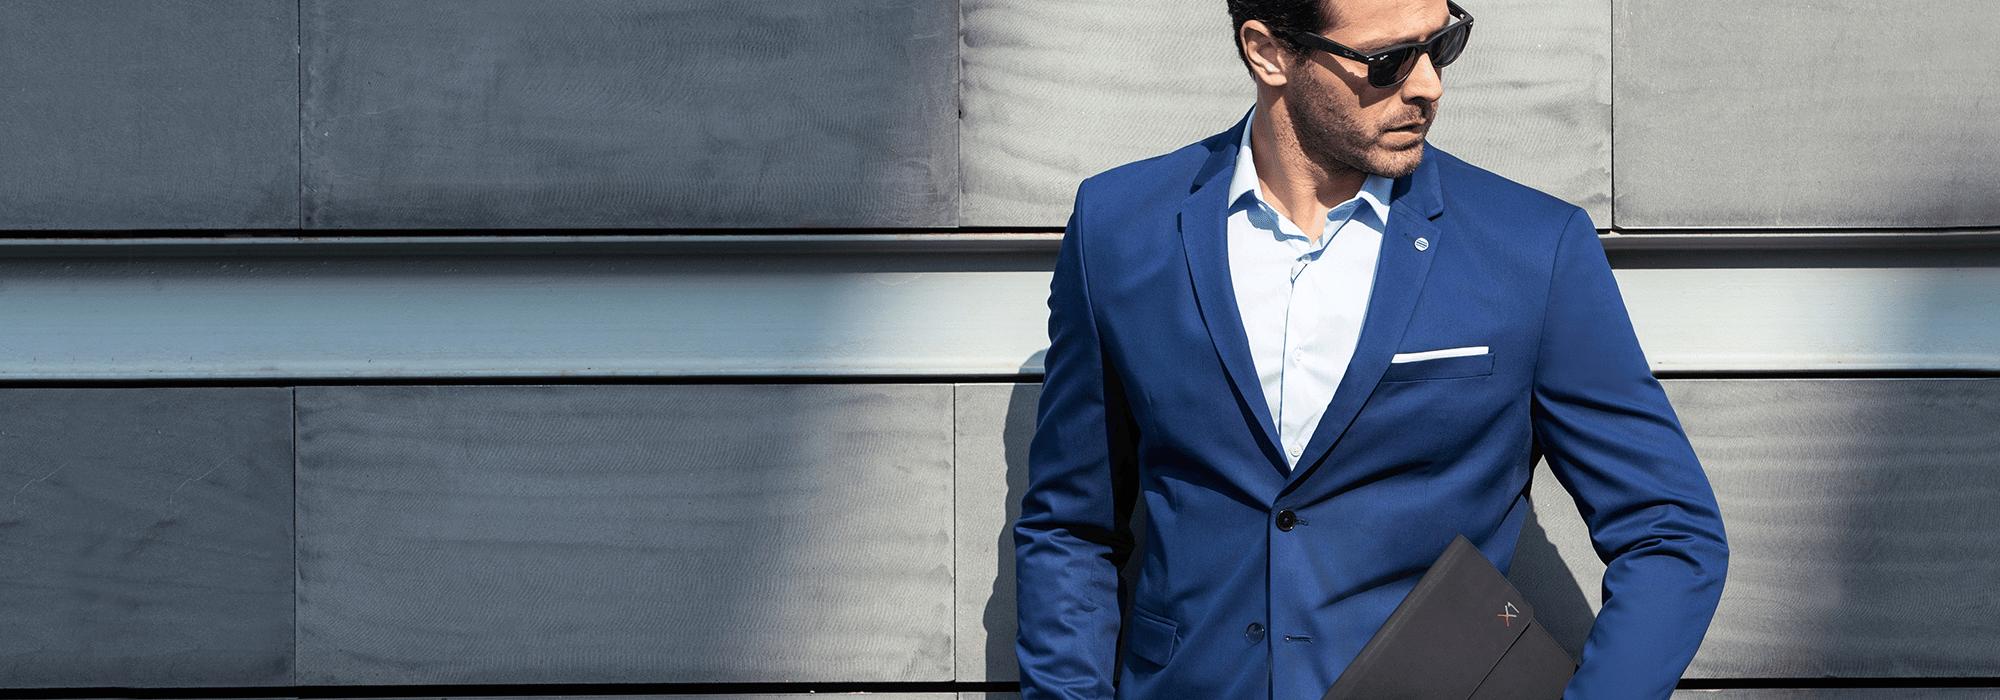 Bannière Lenovo homme en costume bleu - Darest Informatic